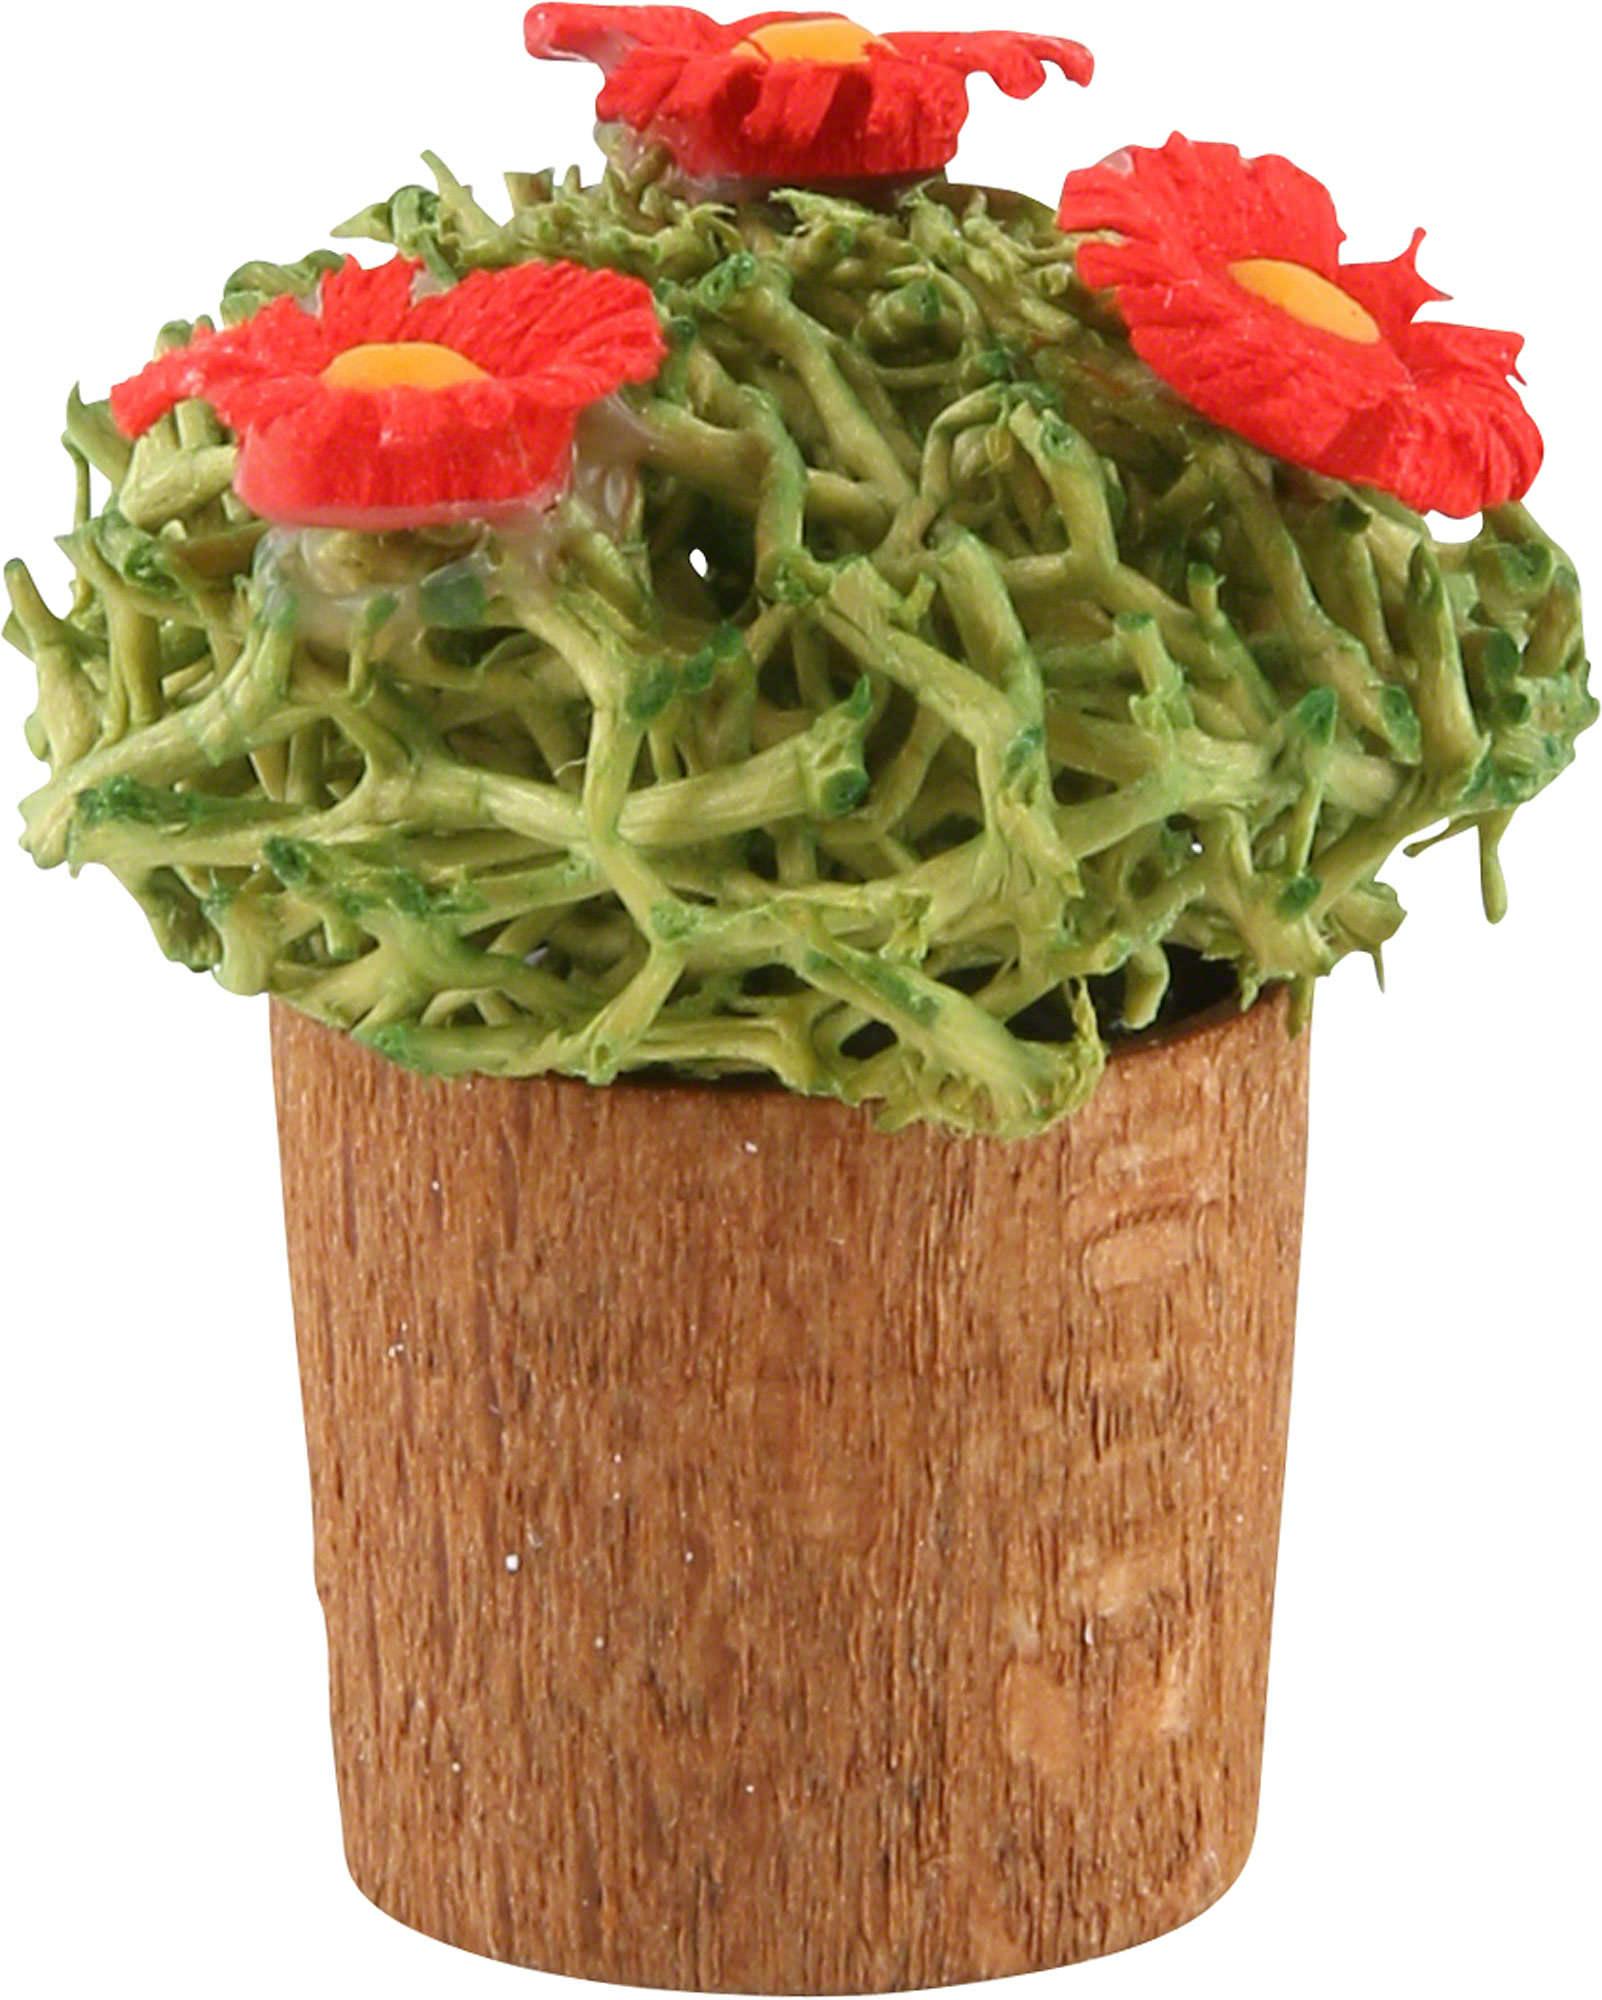 Blumentopf mit bl ten 3cm von g nter reichel for Blumentopf dekoration